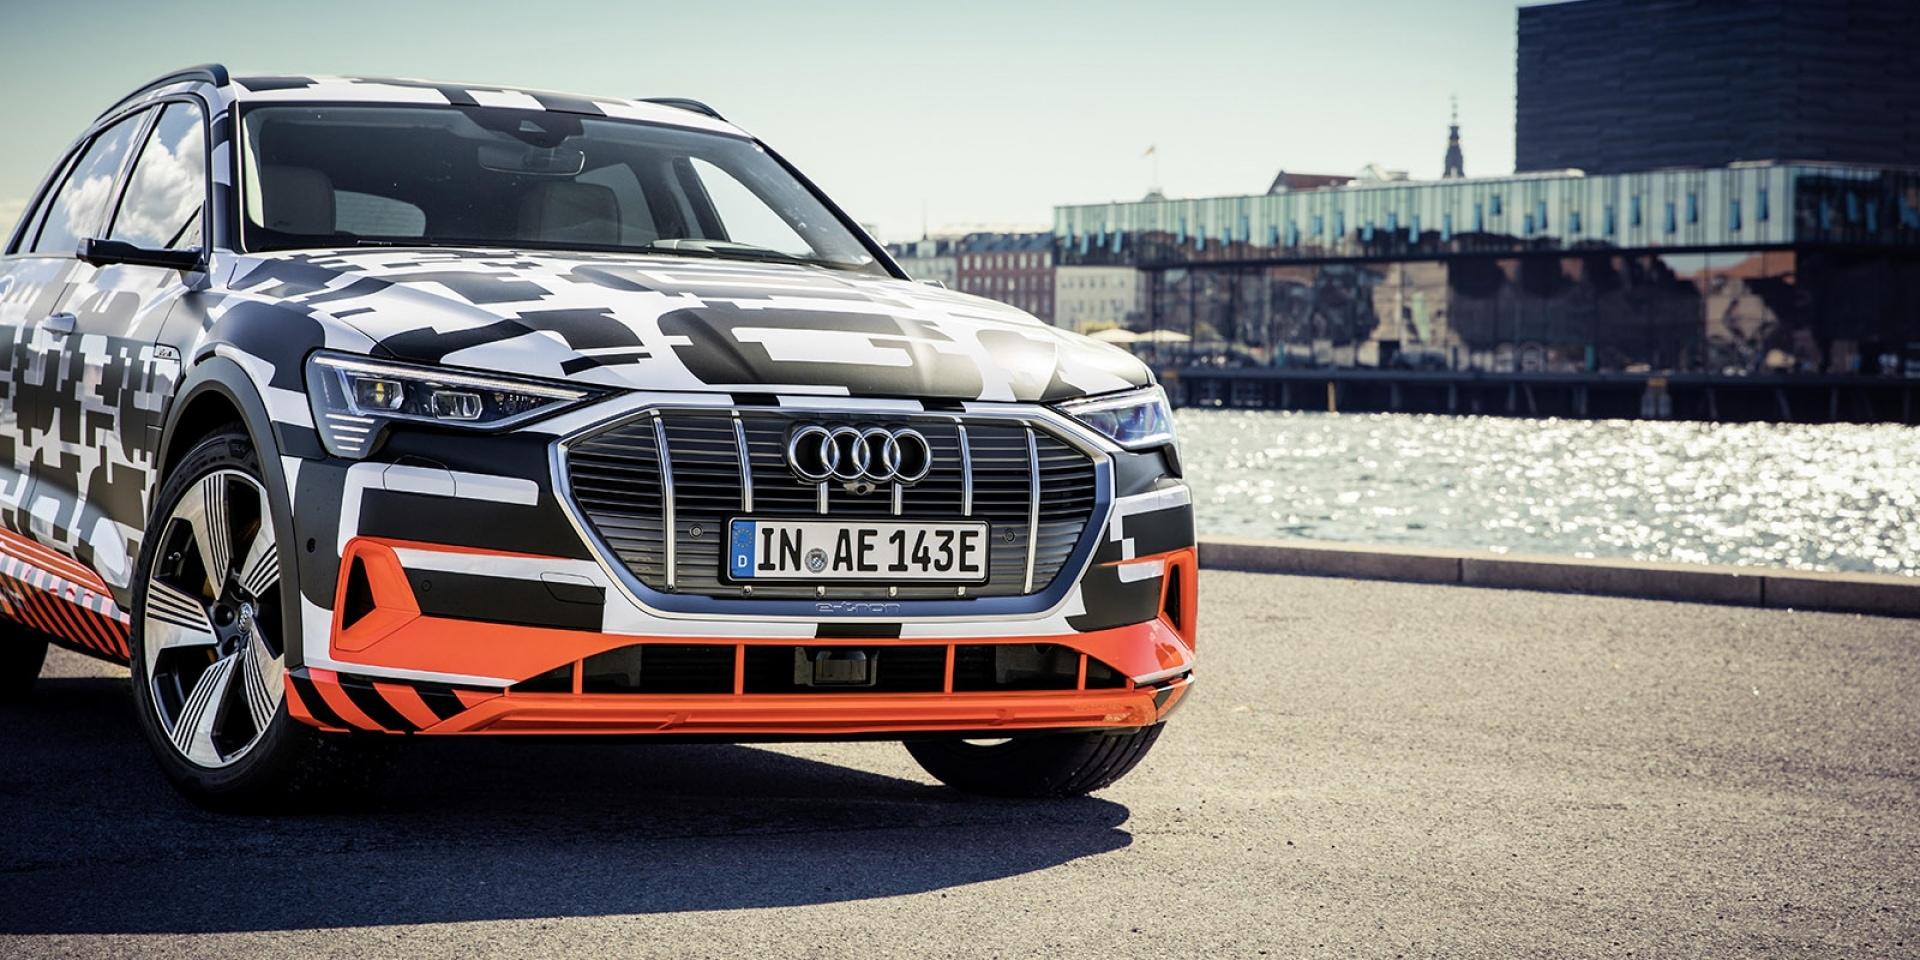 官方新聞稿。Audi e-tron prototype 內裝車艙首度展演 完美詮釋數位化駕乘想像